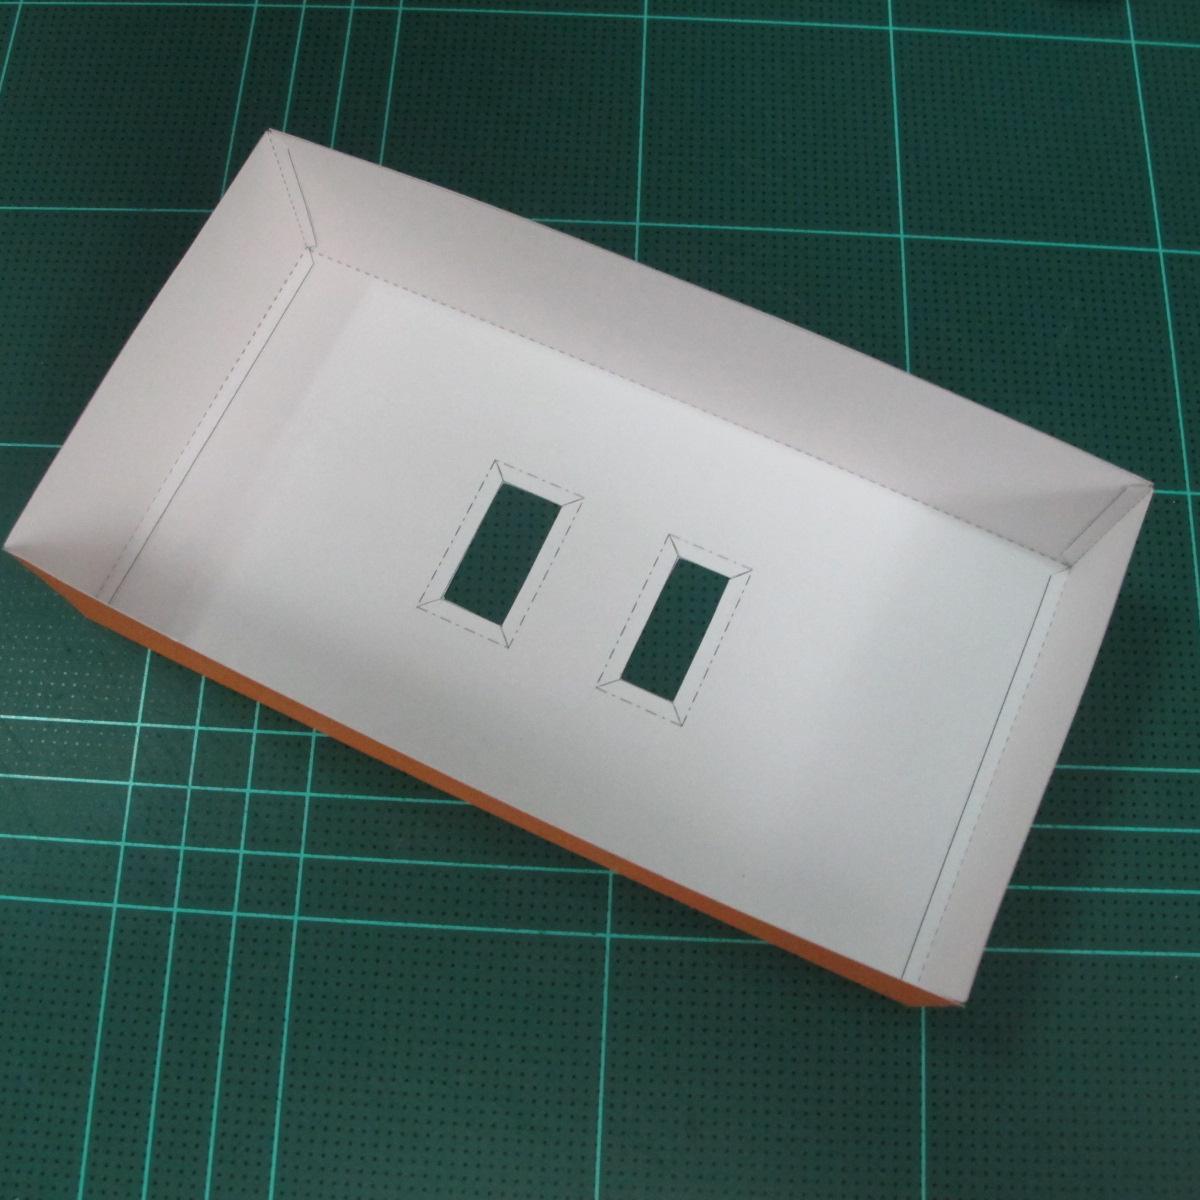 วิธีทำโมเดลกระดาษตุ้กตา คุกกี้ รัน คุกกี้รสซอมบี้ (LINE Cookie Run Zombie Cookie Papercraft Model) 027